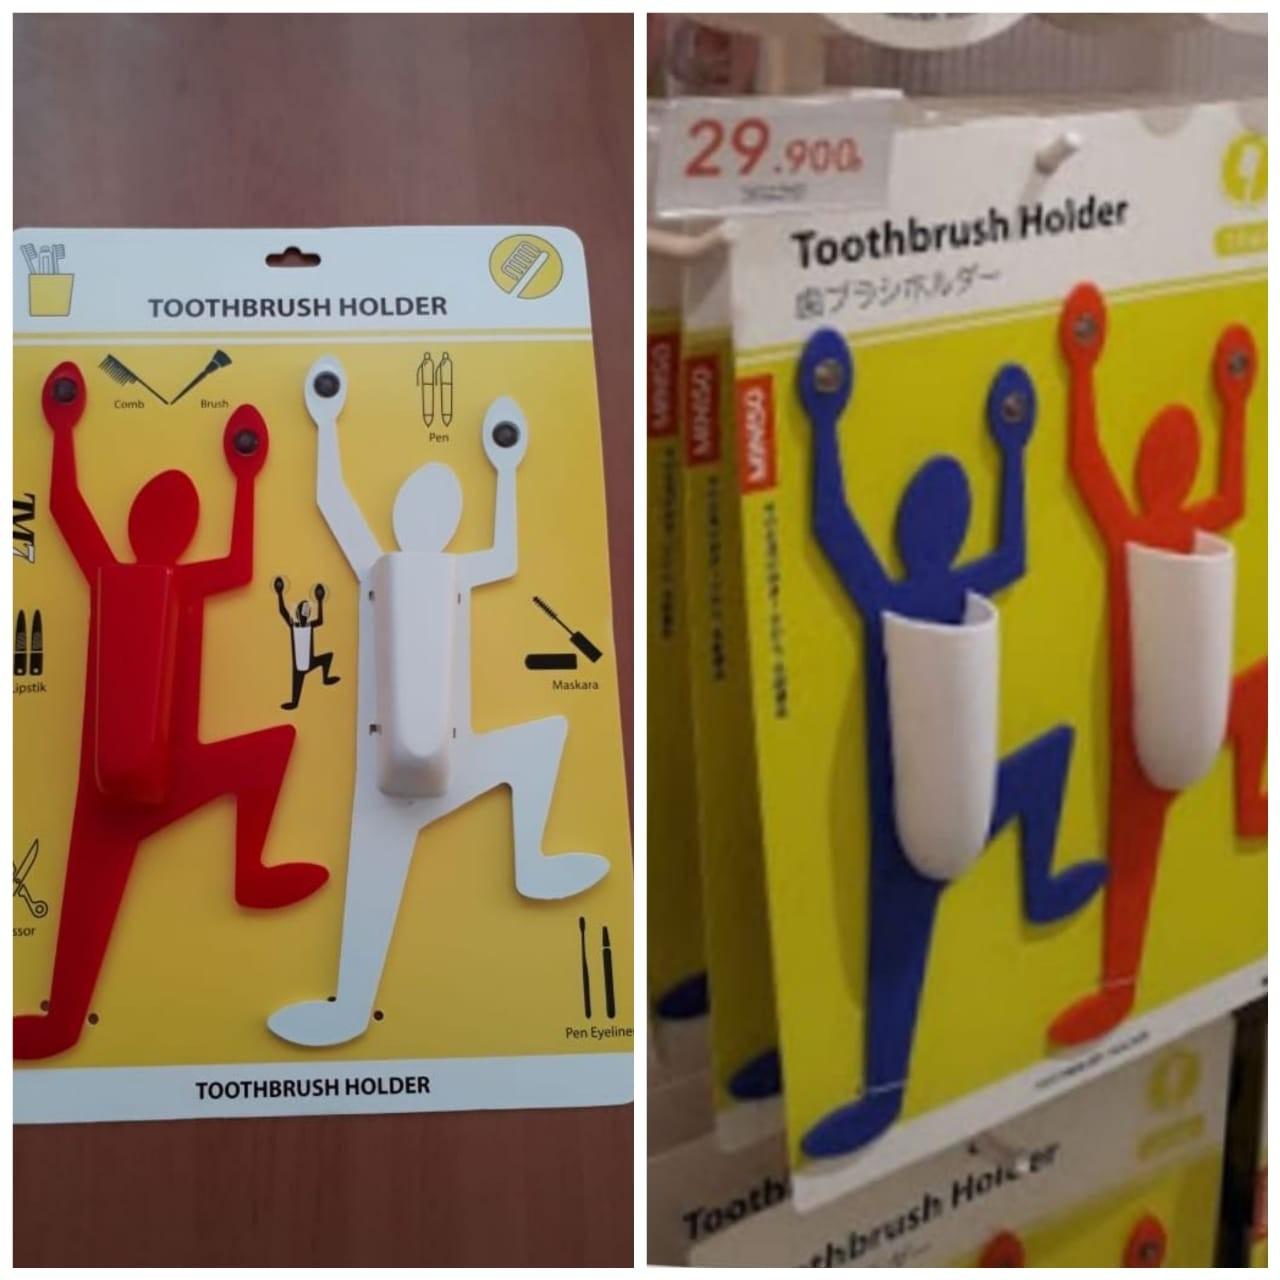 tootbrush holder alat penyimpanan sikat gigi